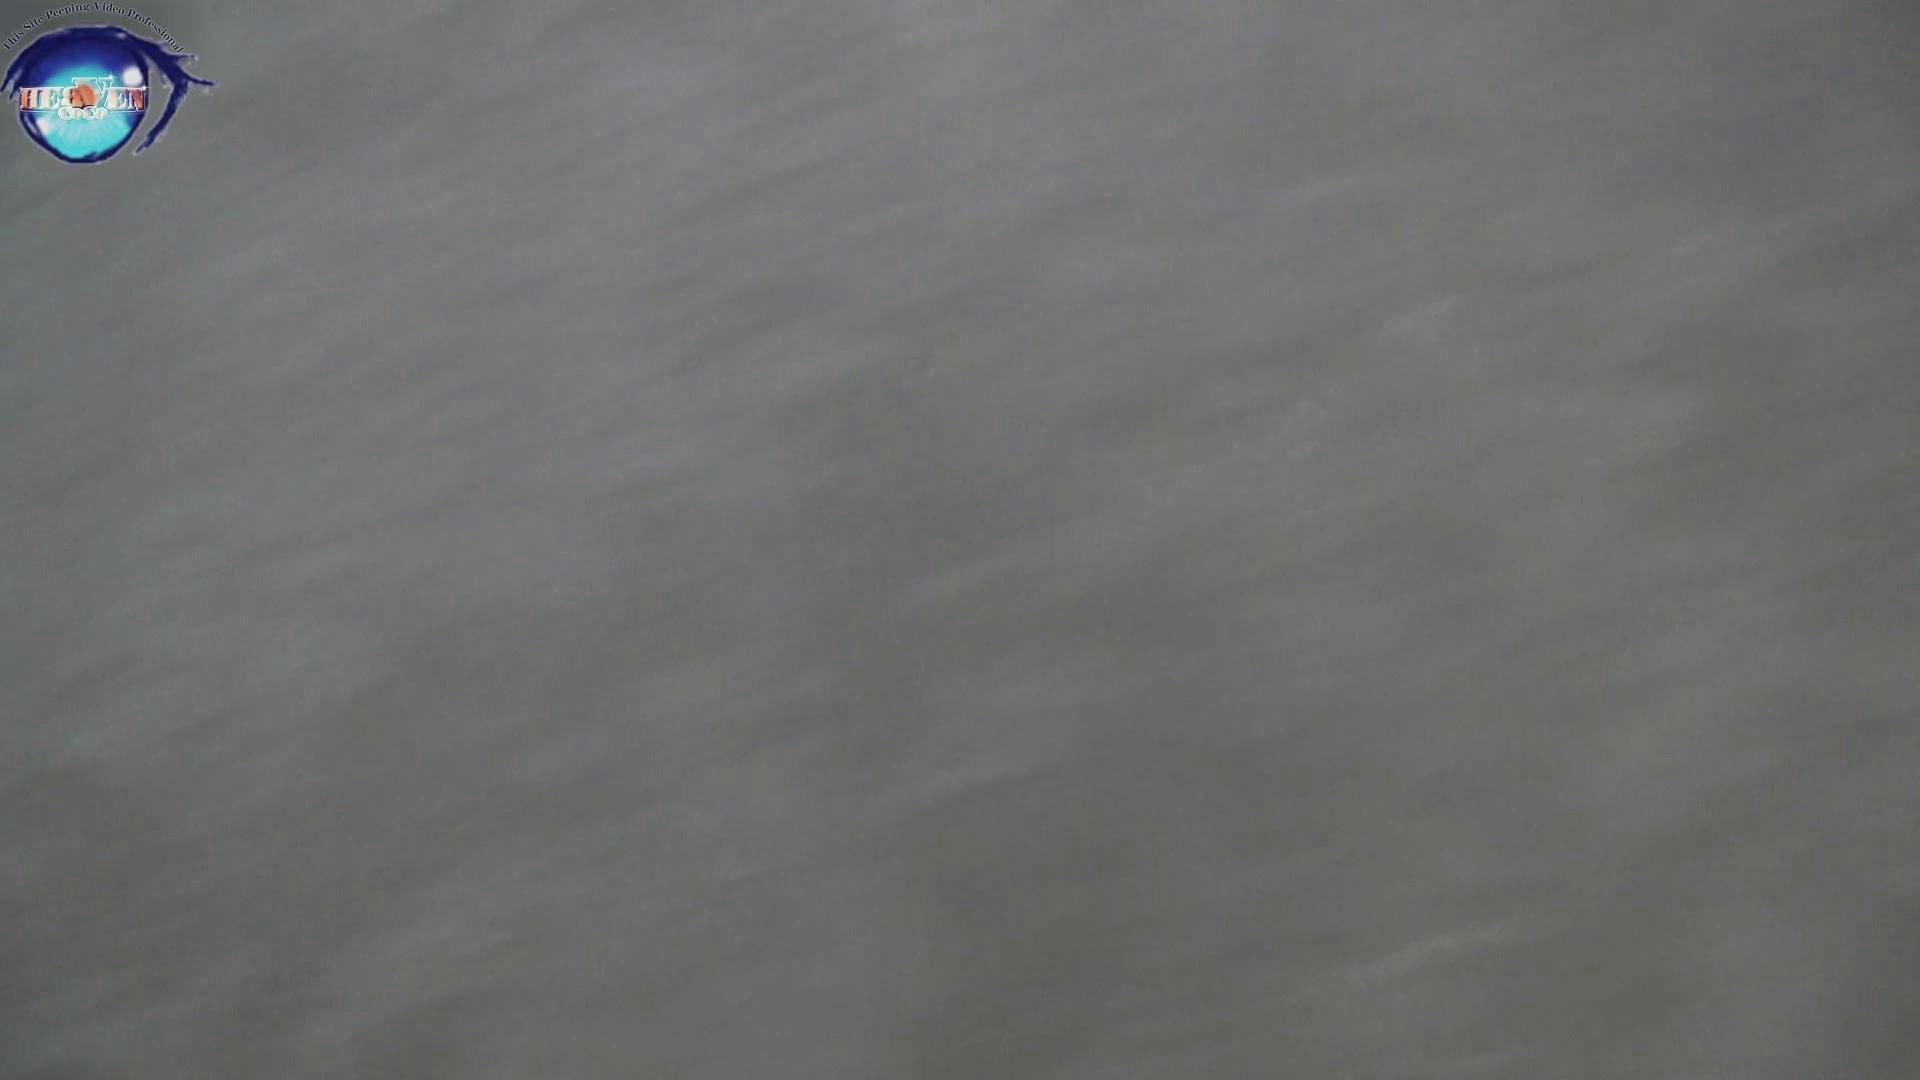 洗面所突入レポート!!お銀 vol.67 新たな場所への挑戦が始まる!!後編 洗面所編  100PIX 16